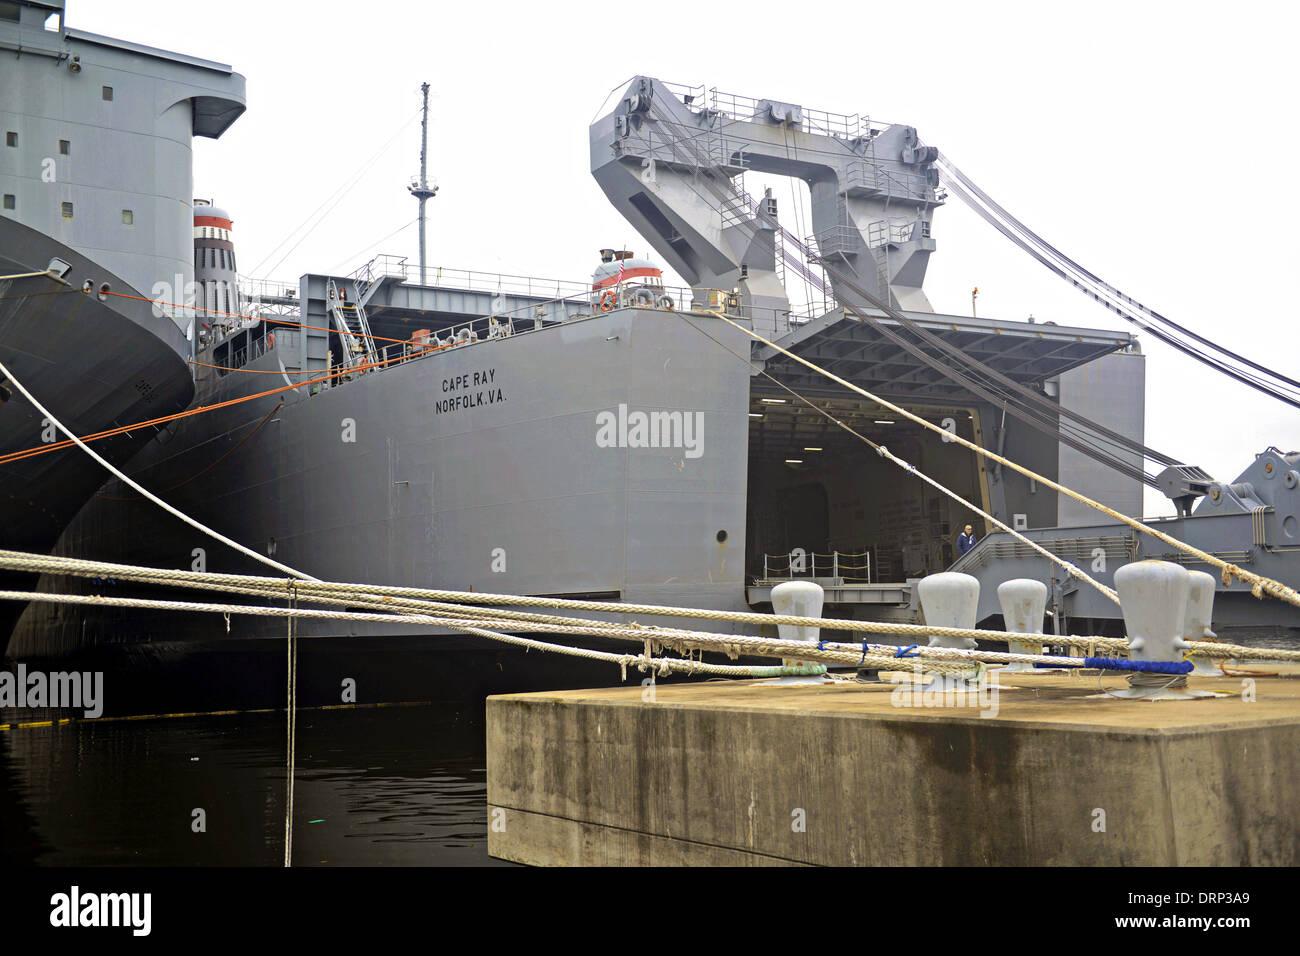 US Navy pronto forza di riserva il trasporto del veicolo nave Capo Ray ancorato in Norfolk Naval Shipyard prima Foto Stock